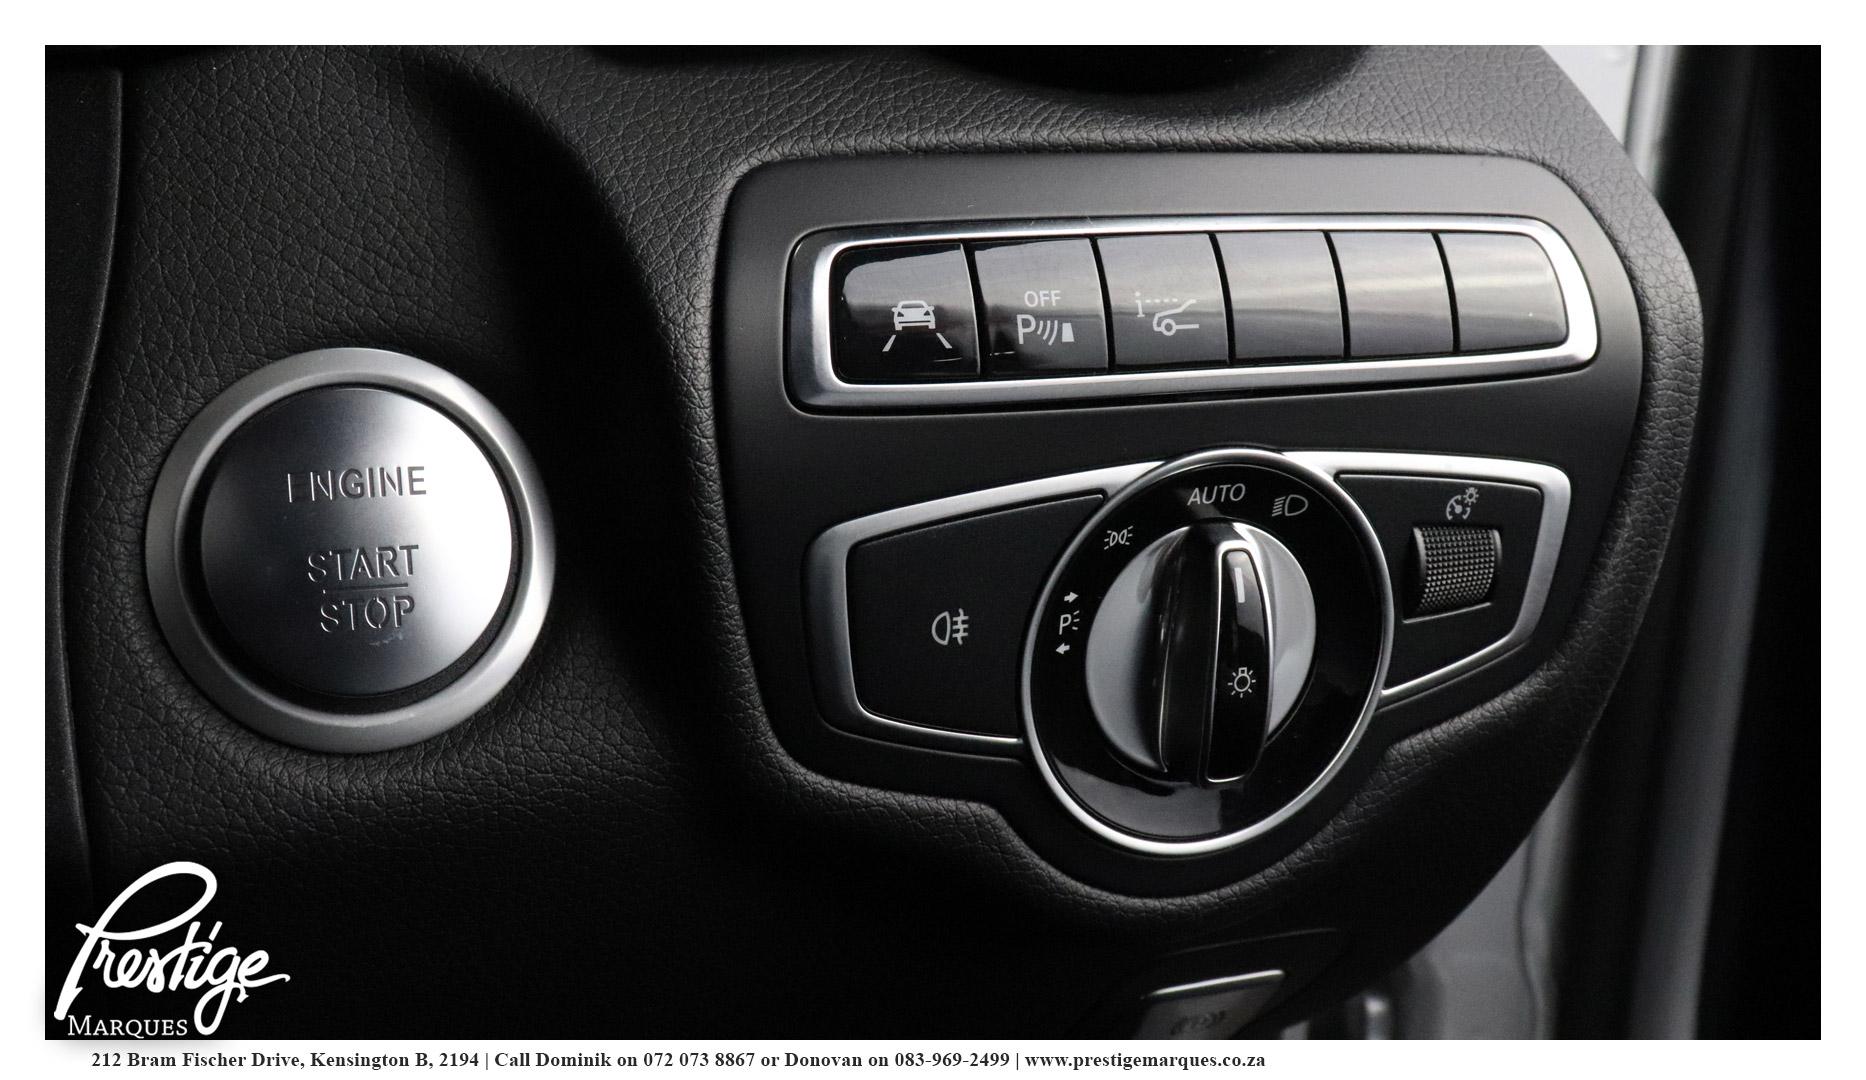 Mercedes-Benz-C63s-AMG-Prestige-Marques-17